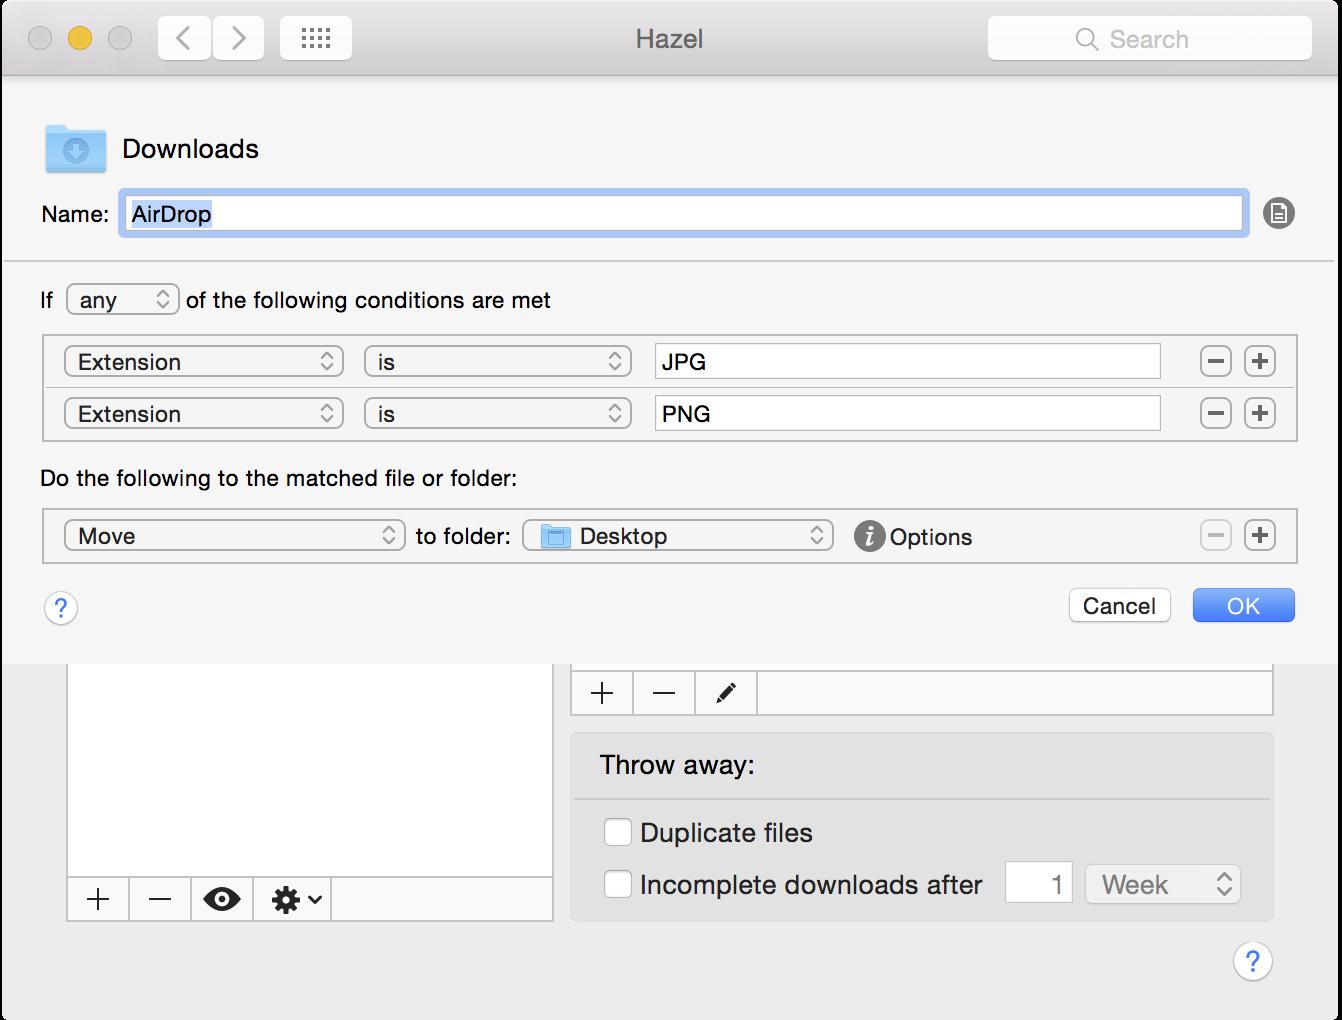 Hazel AirDrop to Desktop